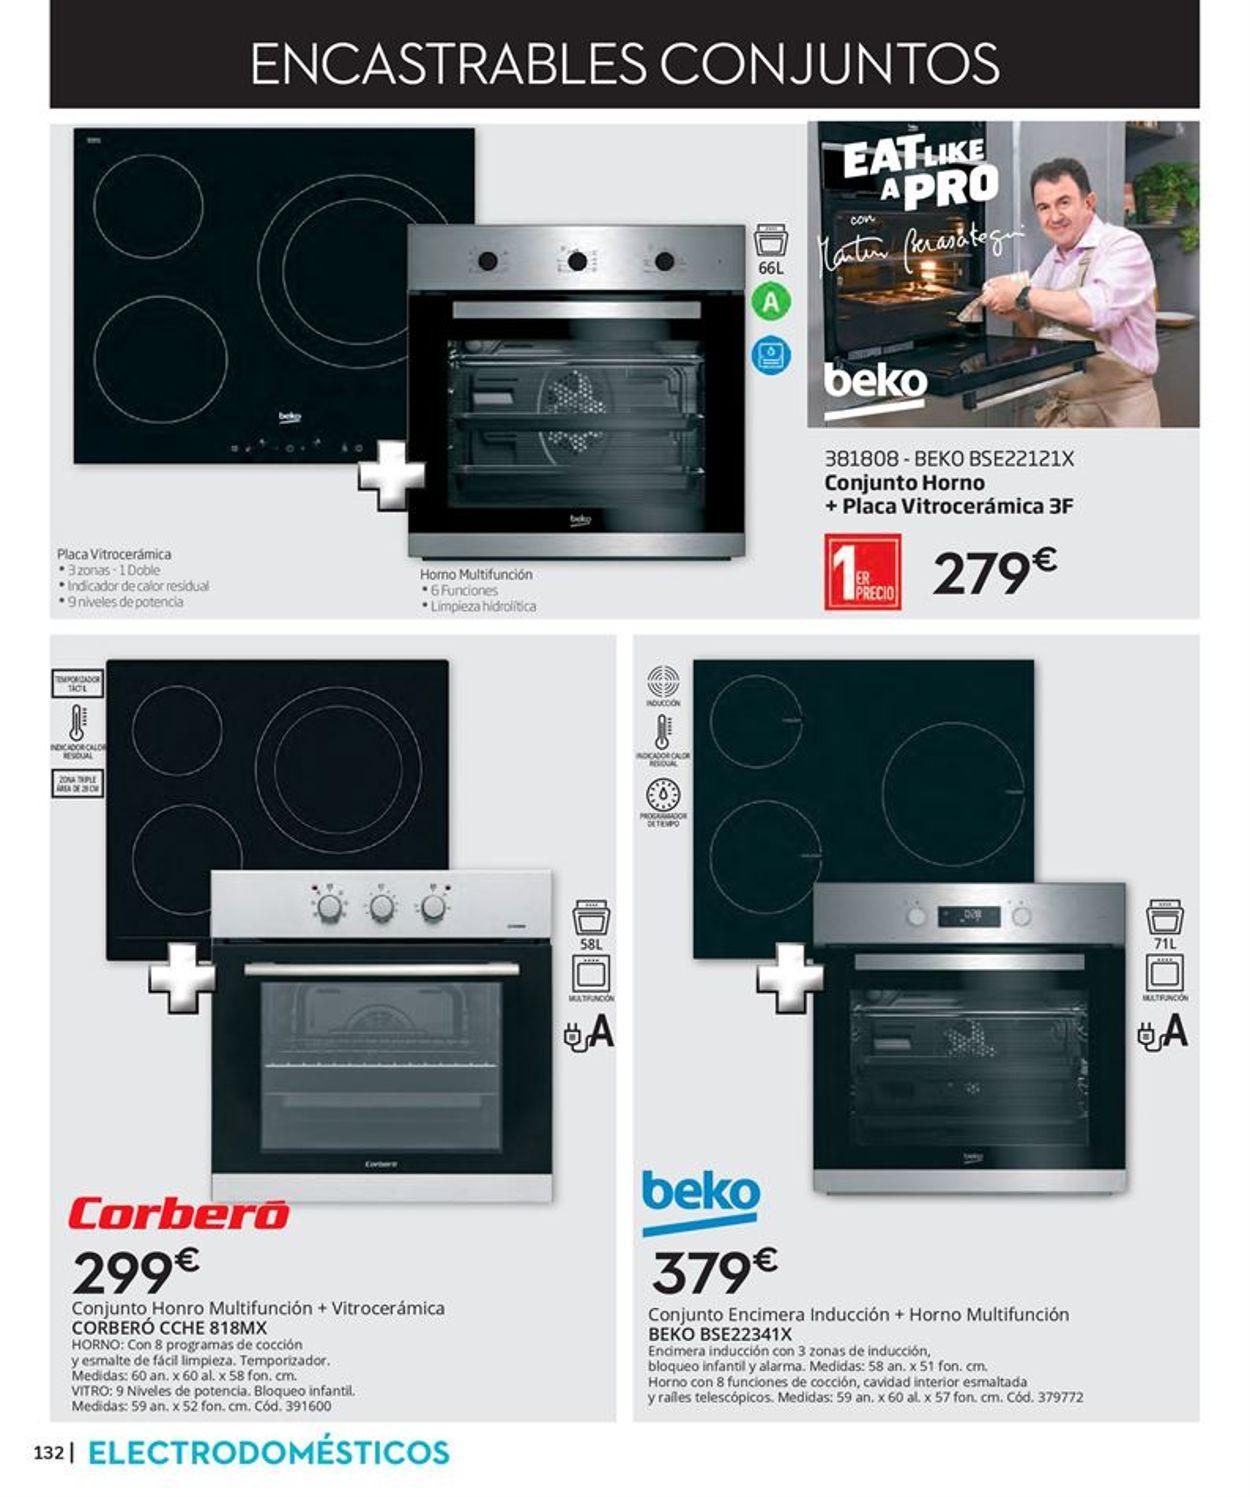 Conforama Folleto - 22.10-30.01.2020 (Página 132)